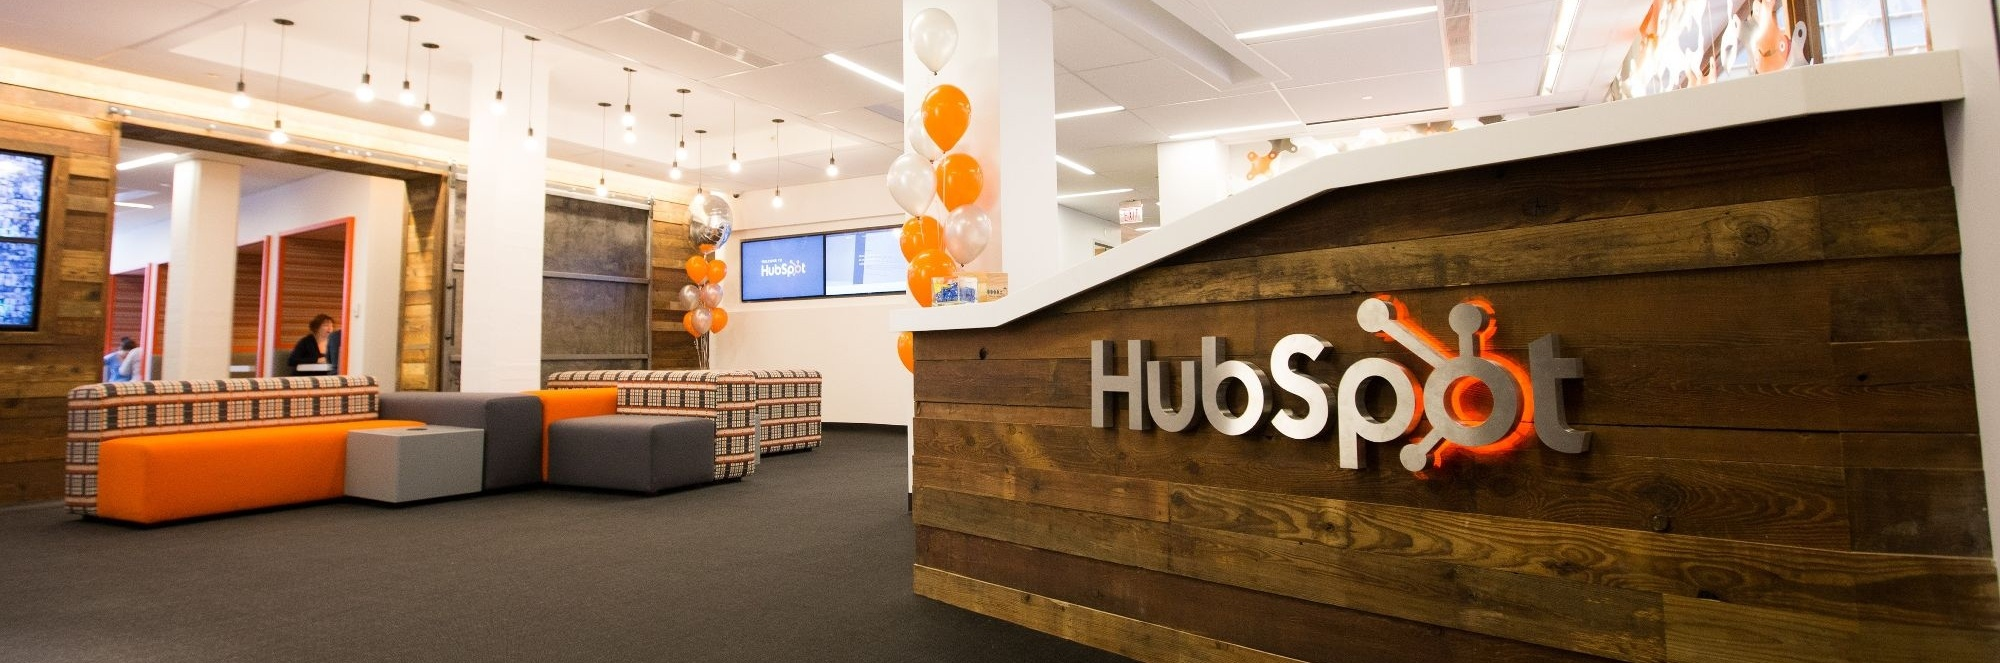 hubspot-office-685847-edited.jpg